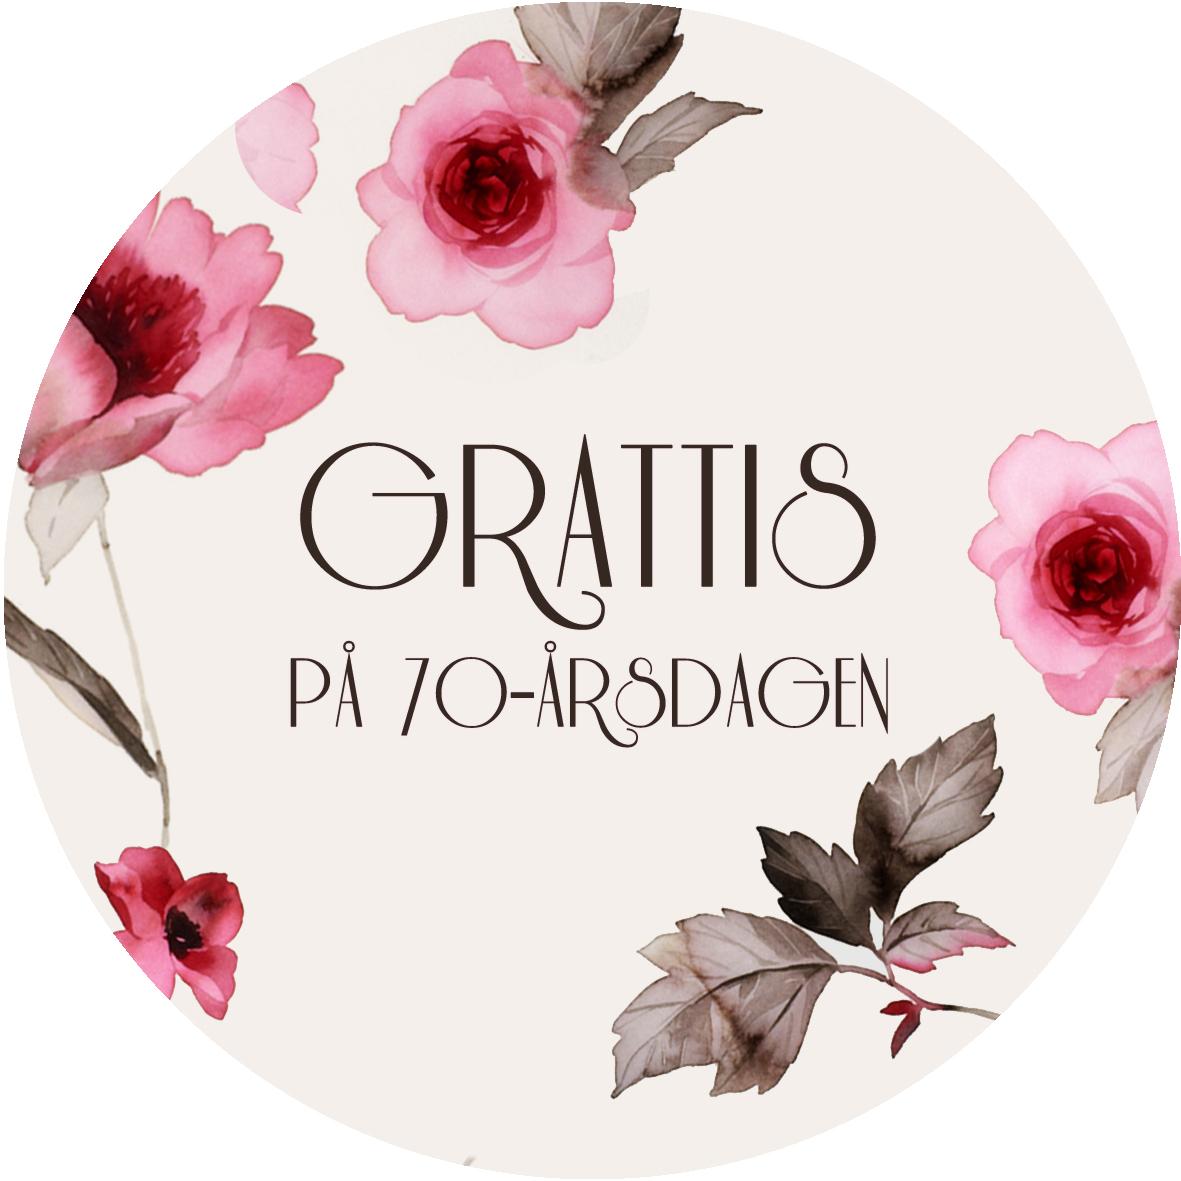 grattis till en 70 åring 70 år rosa blommor finns på PricePi.com. grattis till en 70 åring